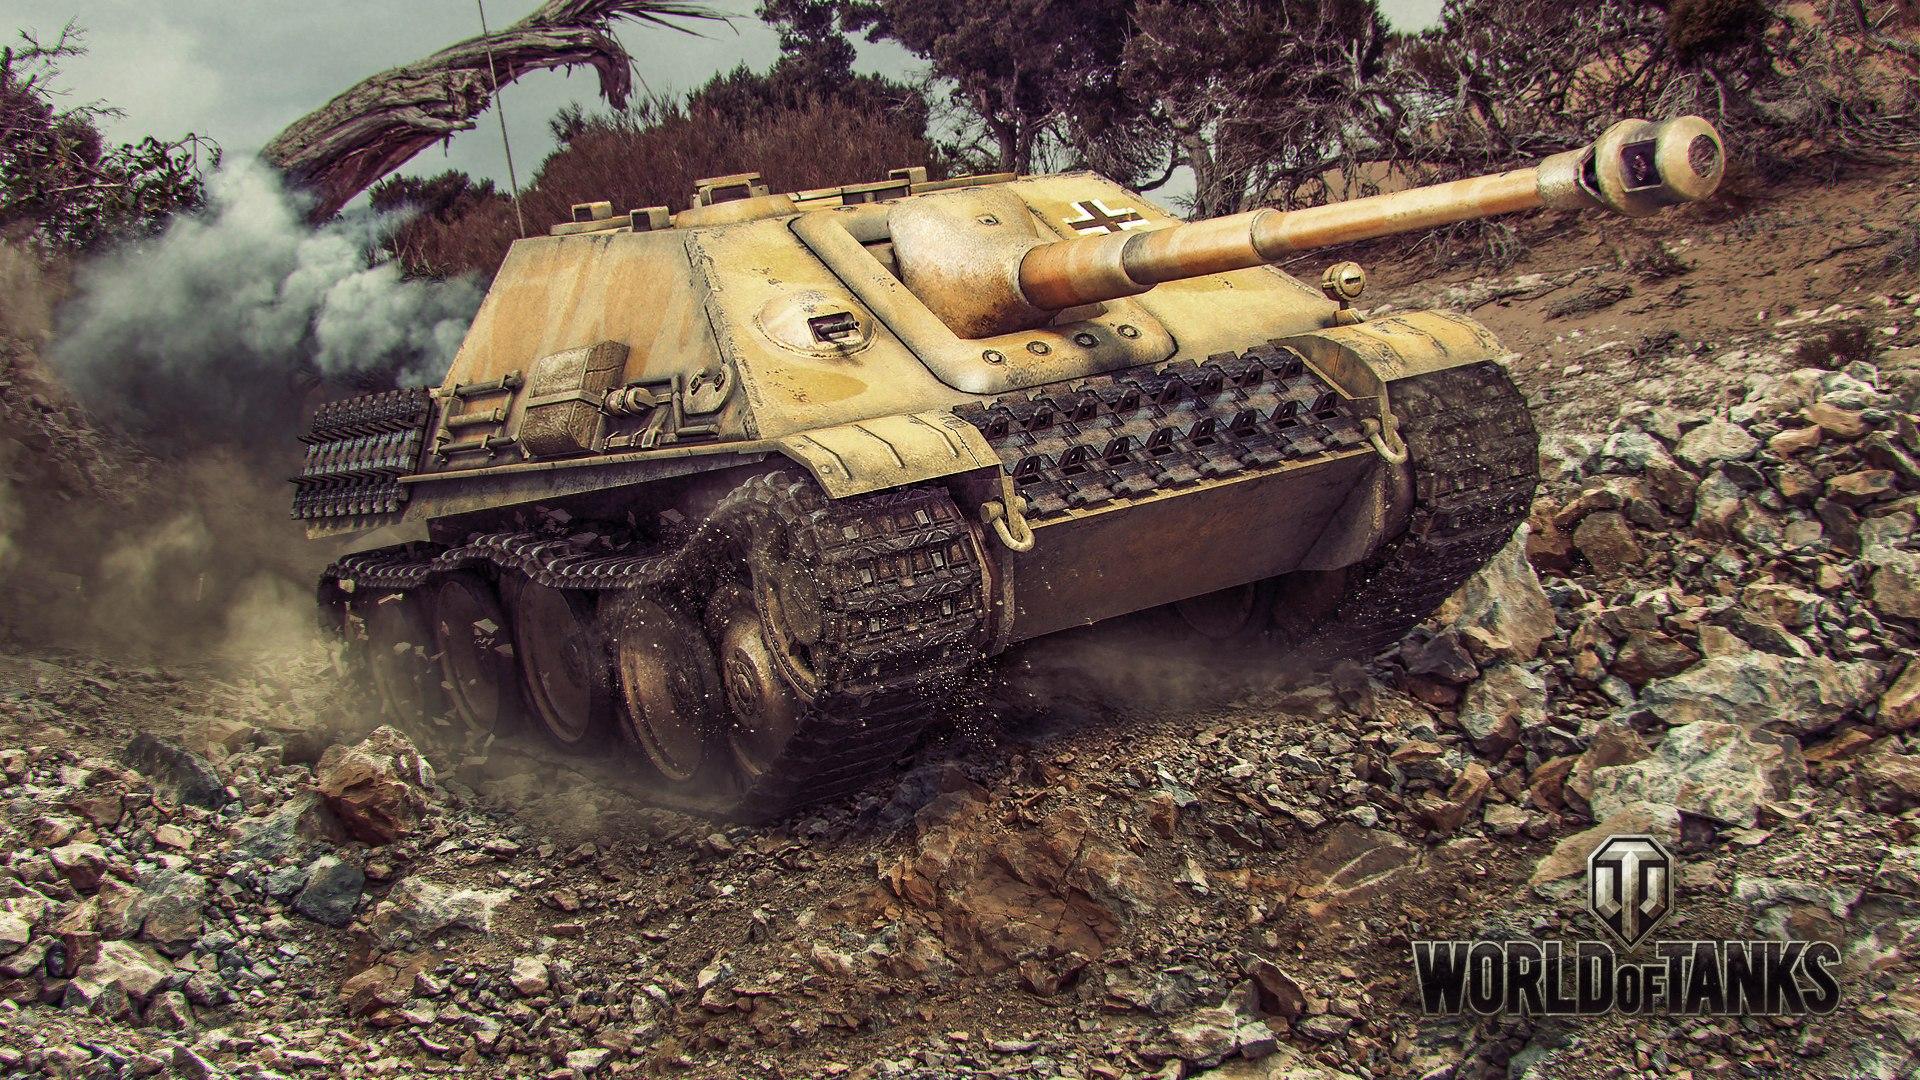 Картинка танка рисунок